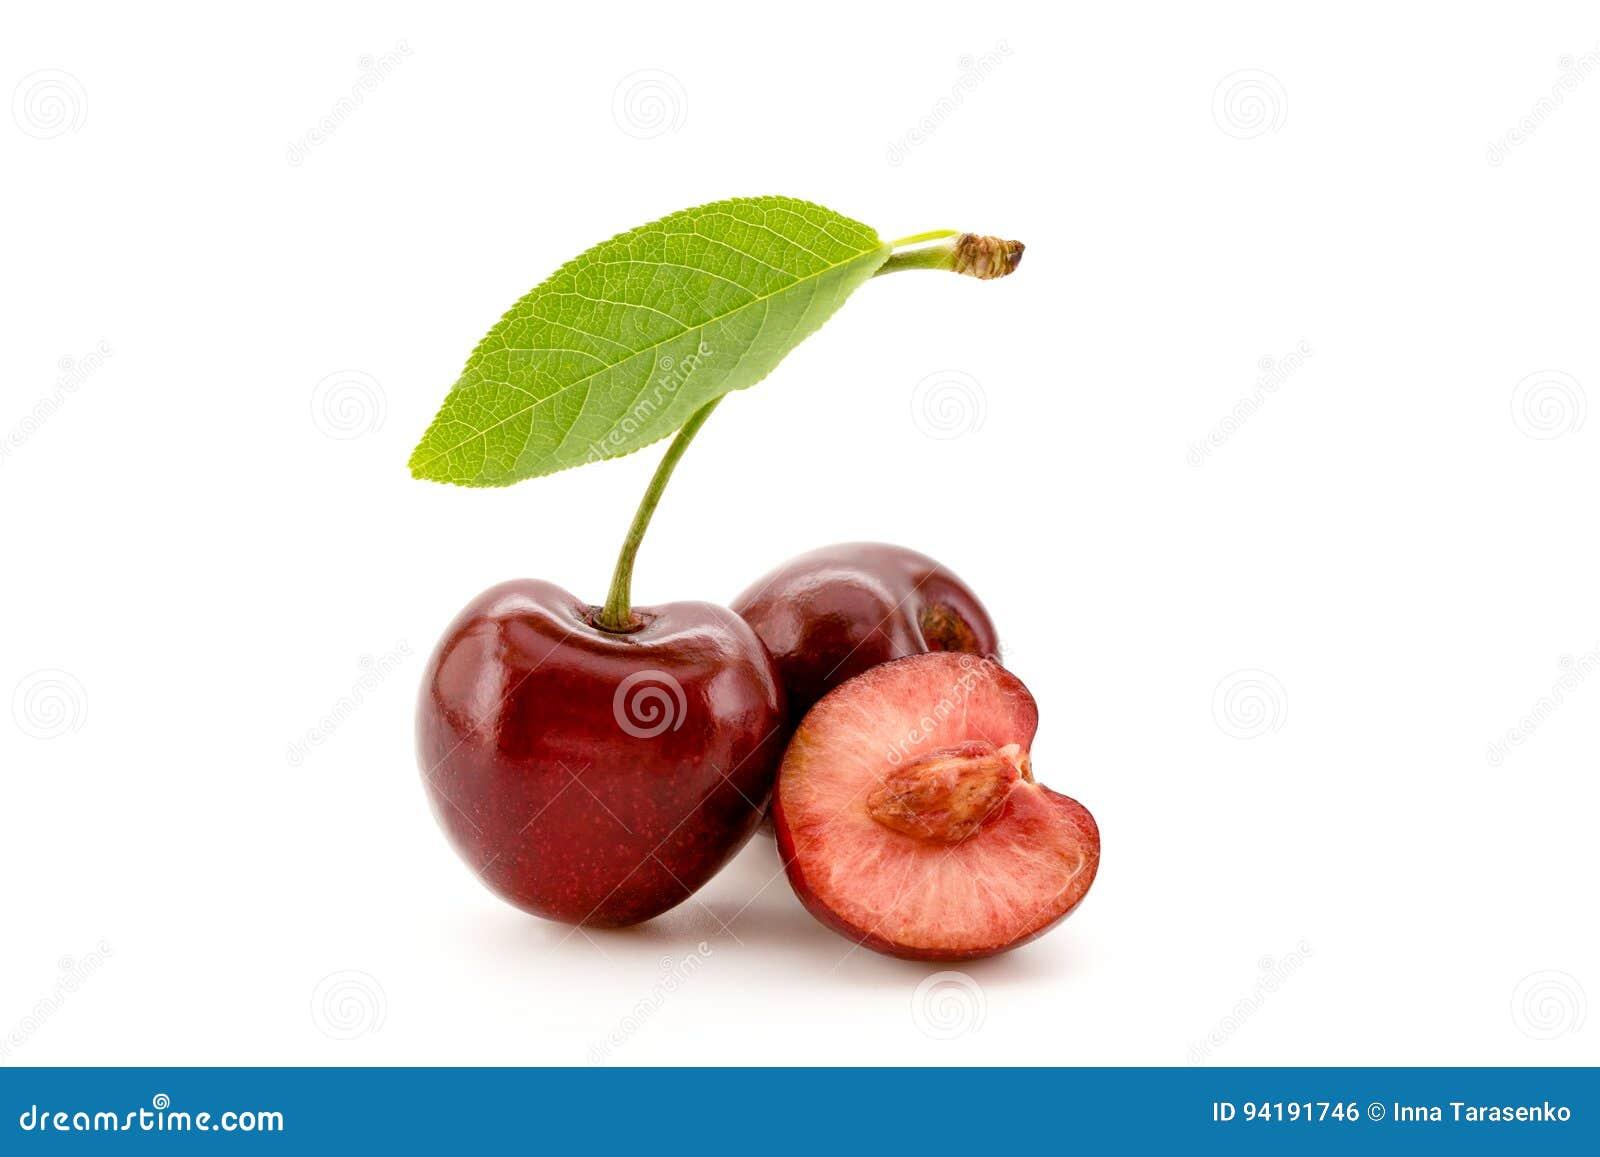 Cherries on white